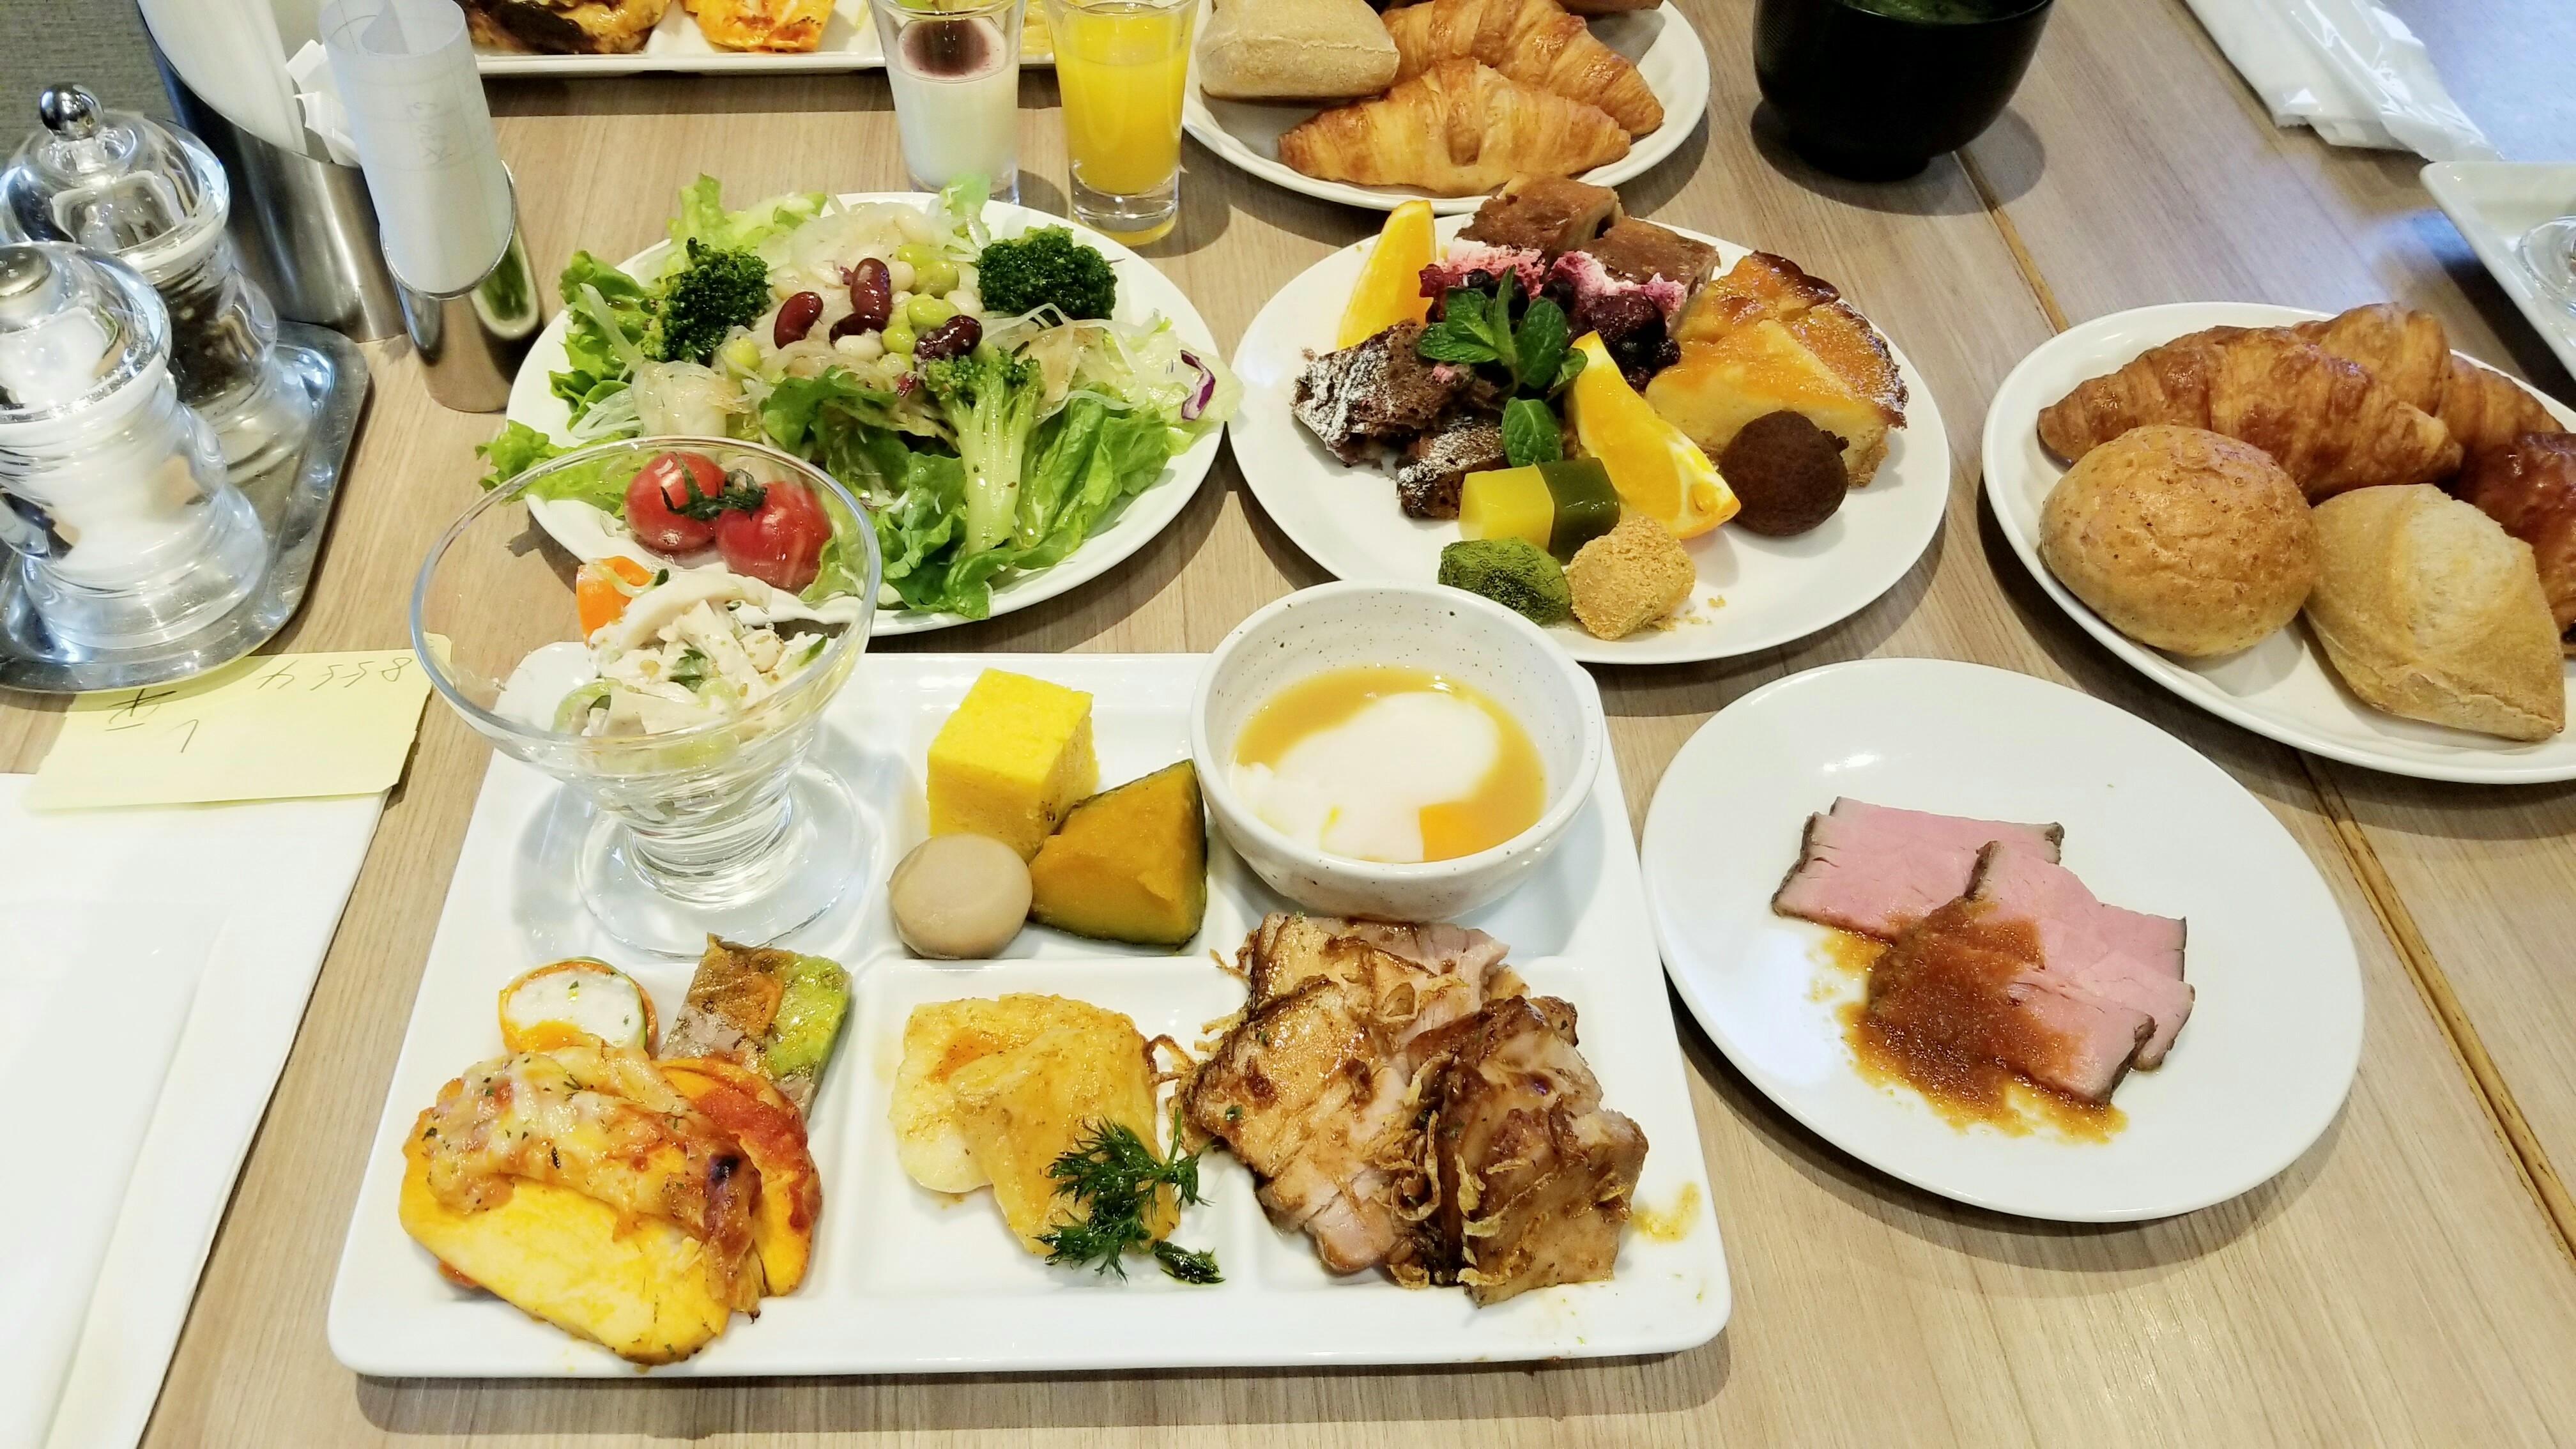 ホテルバイキング東急メニュー人気ランチ愛媛県松山市おすすめ画像